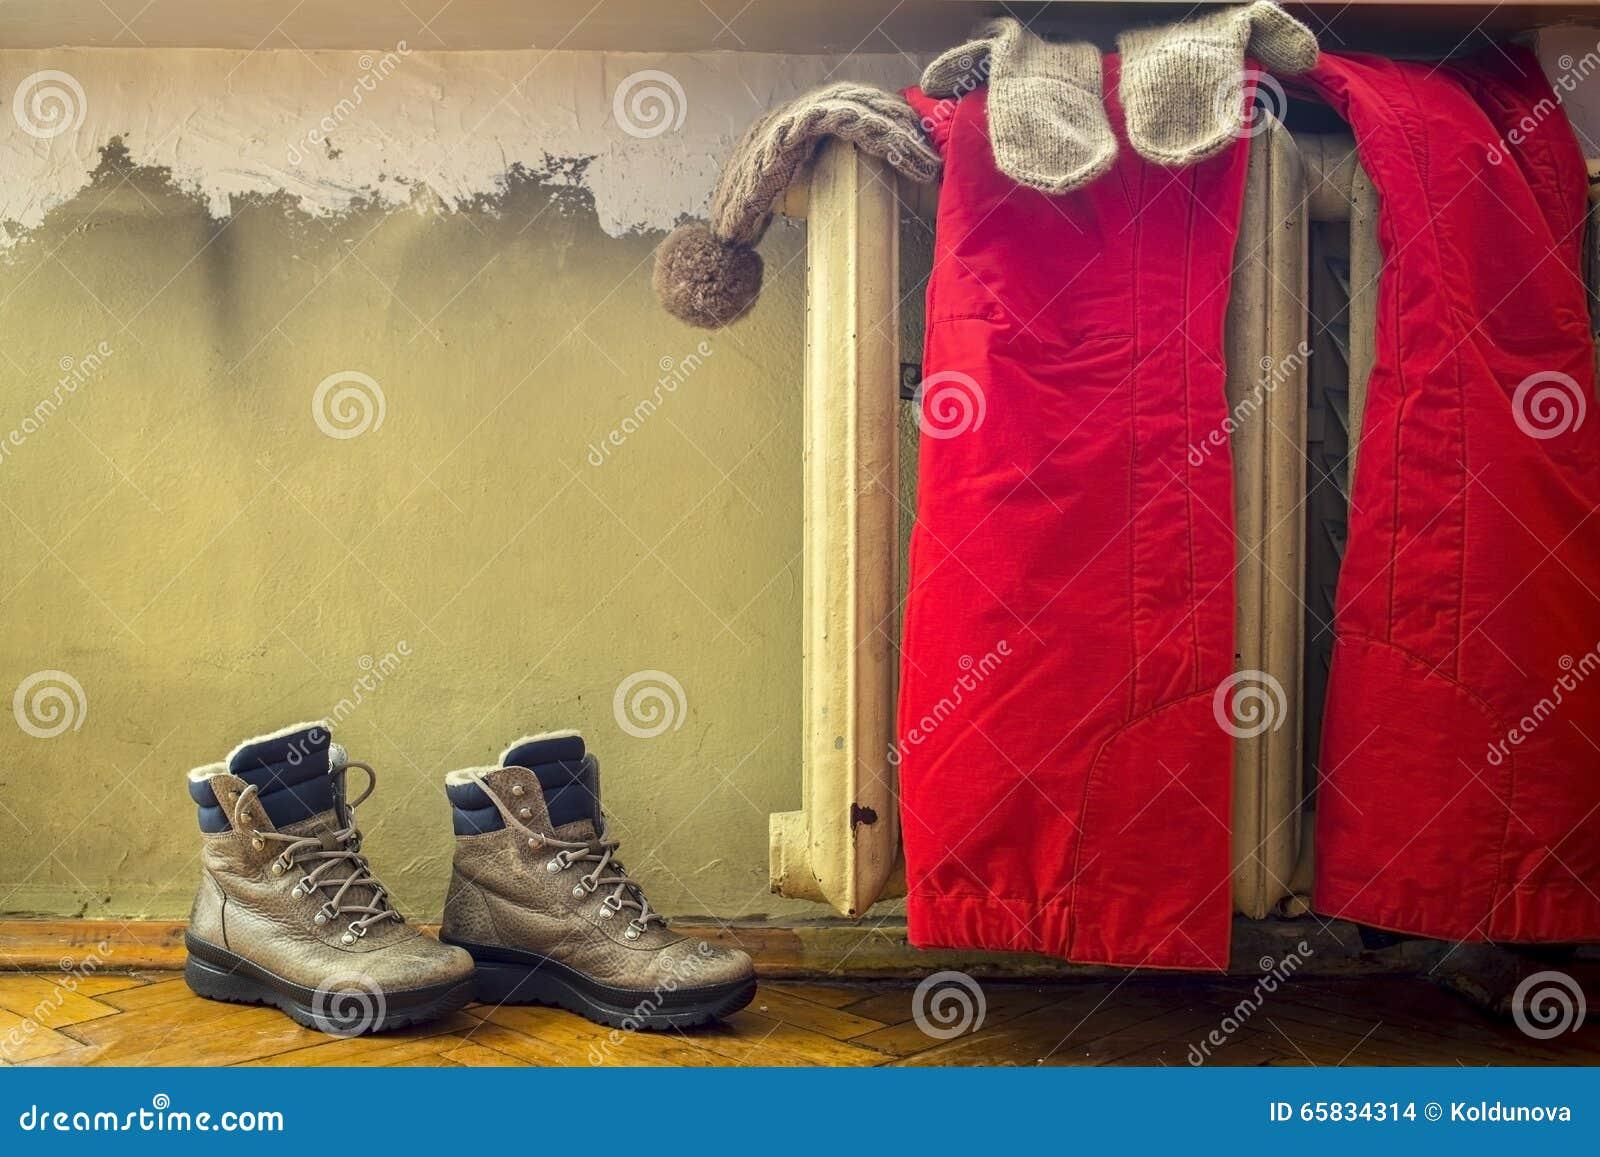 Ντύνει την ένωση σε ένα θερμό παλαιό θερμαντικό σώμα, εκτός από το οποίο παπούτσι στάσεων